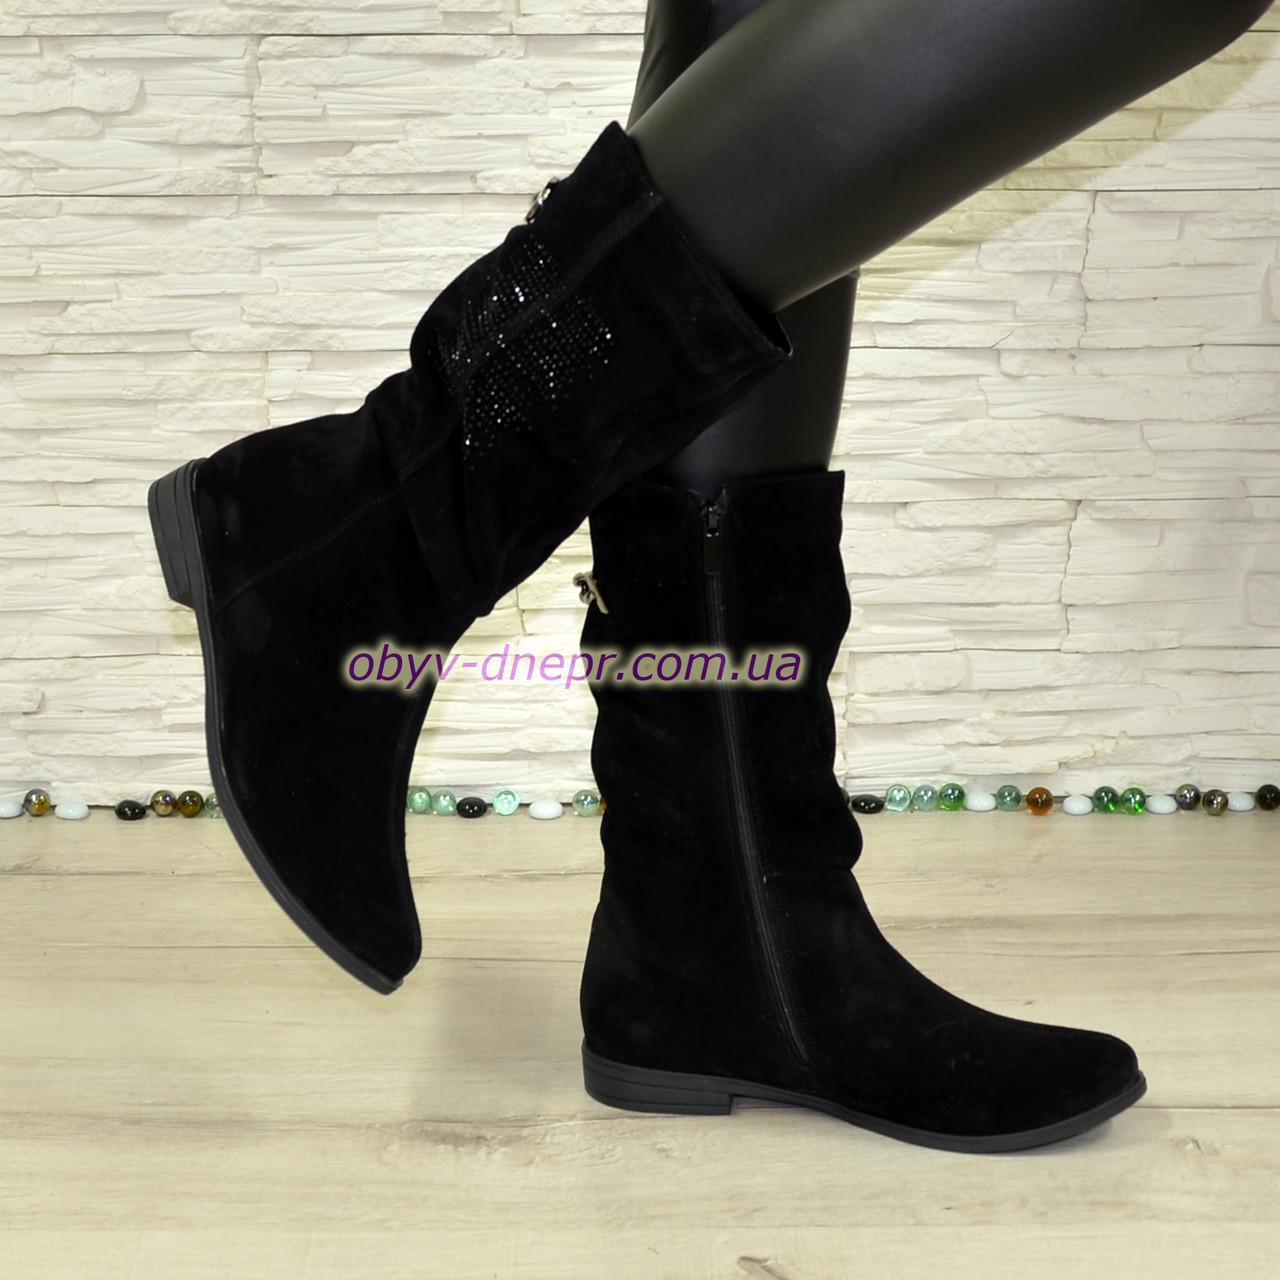 792b55c1 Женские зимние замшевые ботинки на низком ходу, декорированы накаткой  камней и цепочкой ...